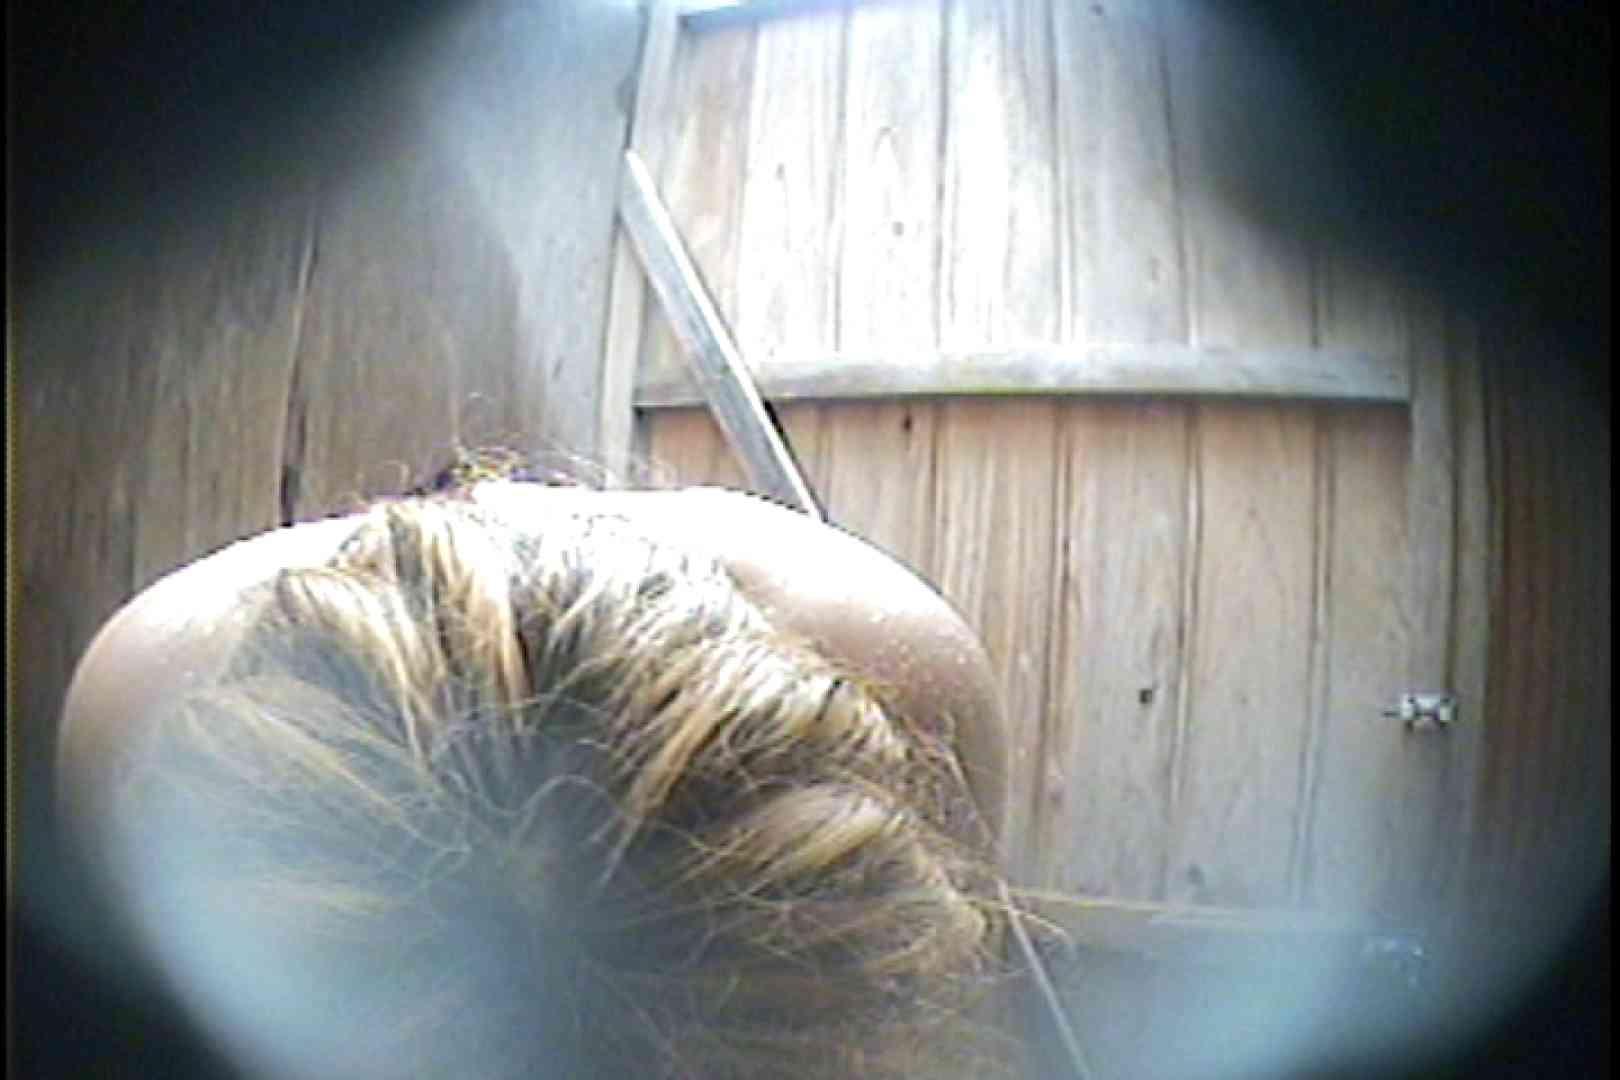 海の家の更衣室 Vol.30 シャワー えろ無修正画像 89pic 55